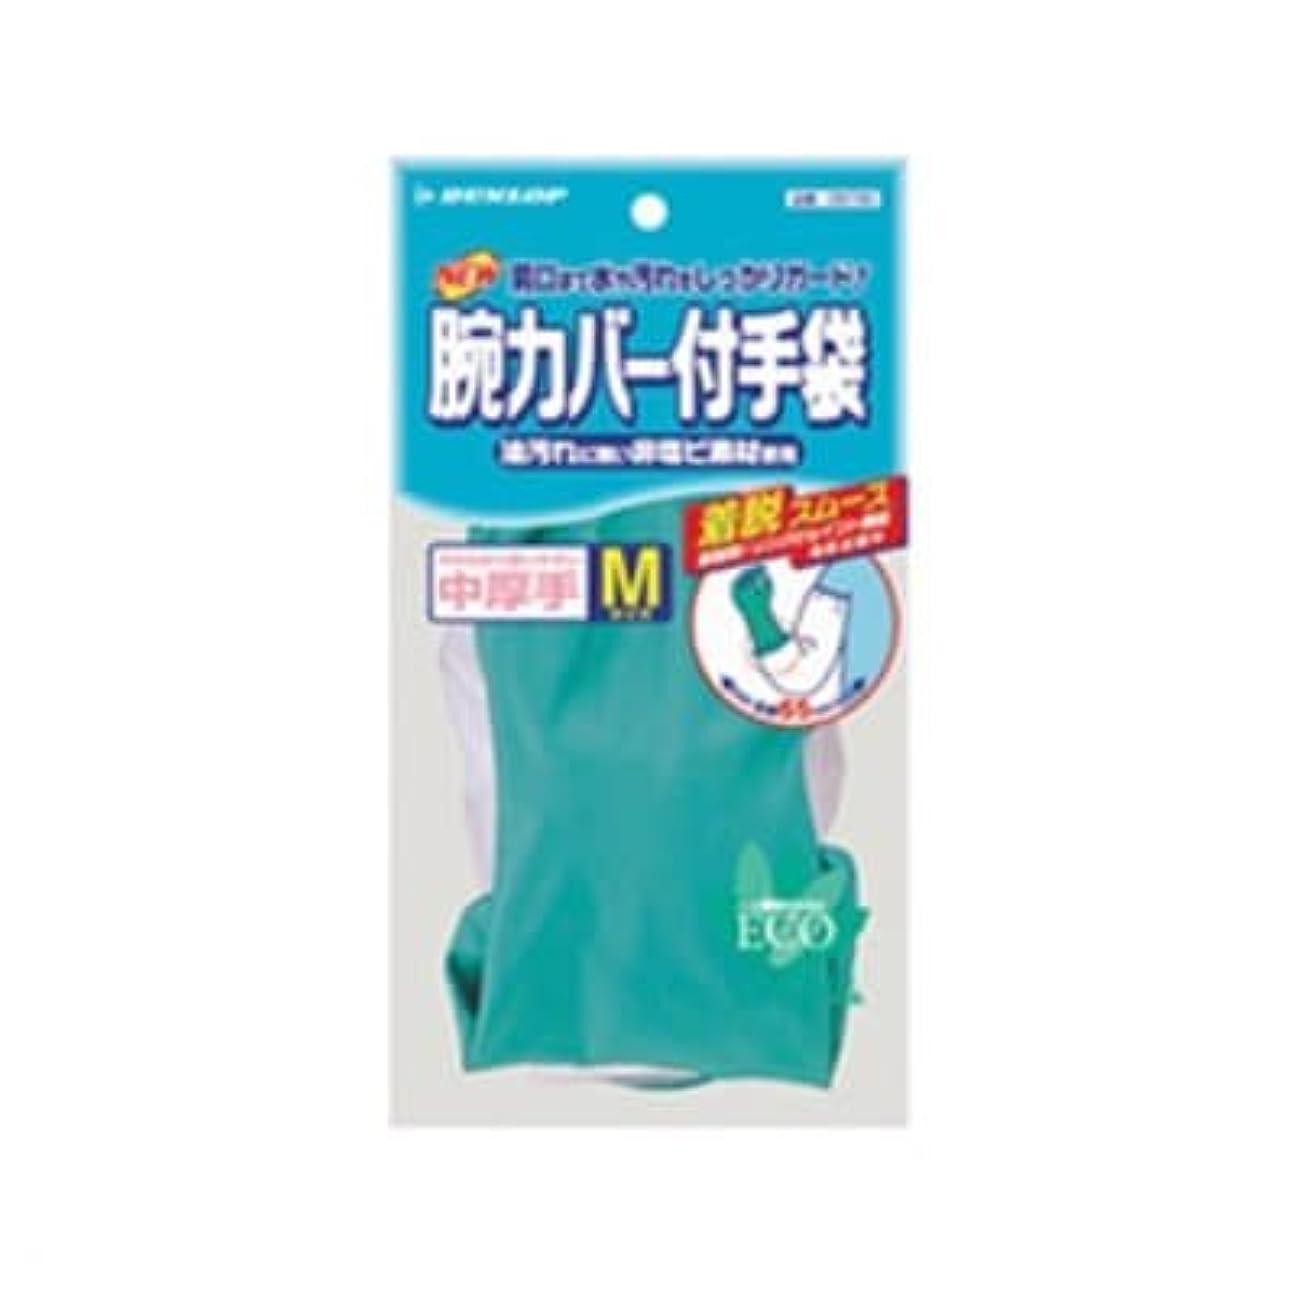 もっともらしい乱雑なドリル【ケース販売】 ダンロップ ニトリル中厚手 腕カバー付手袋 M グリーン (5双×12袋)